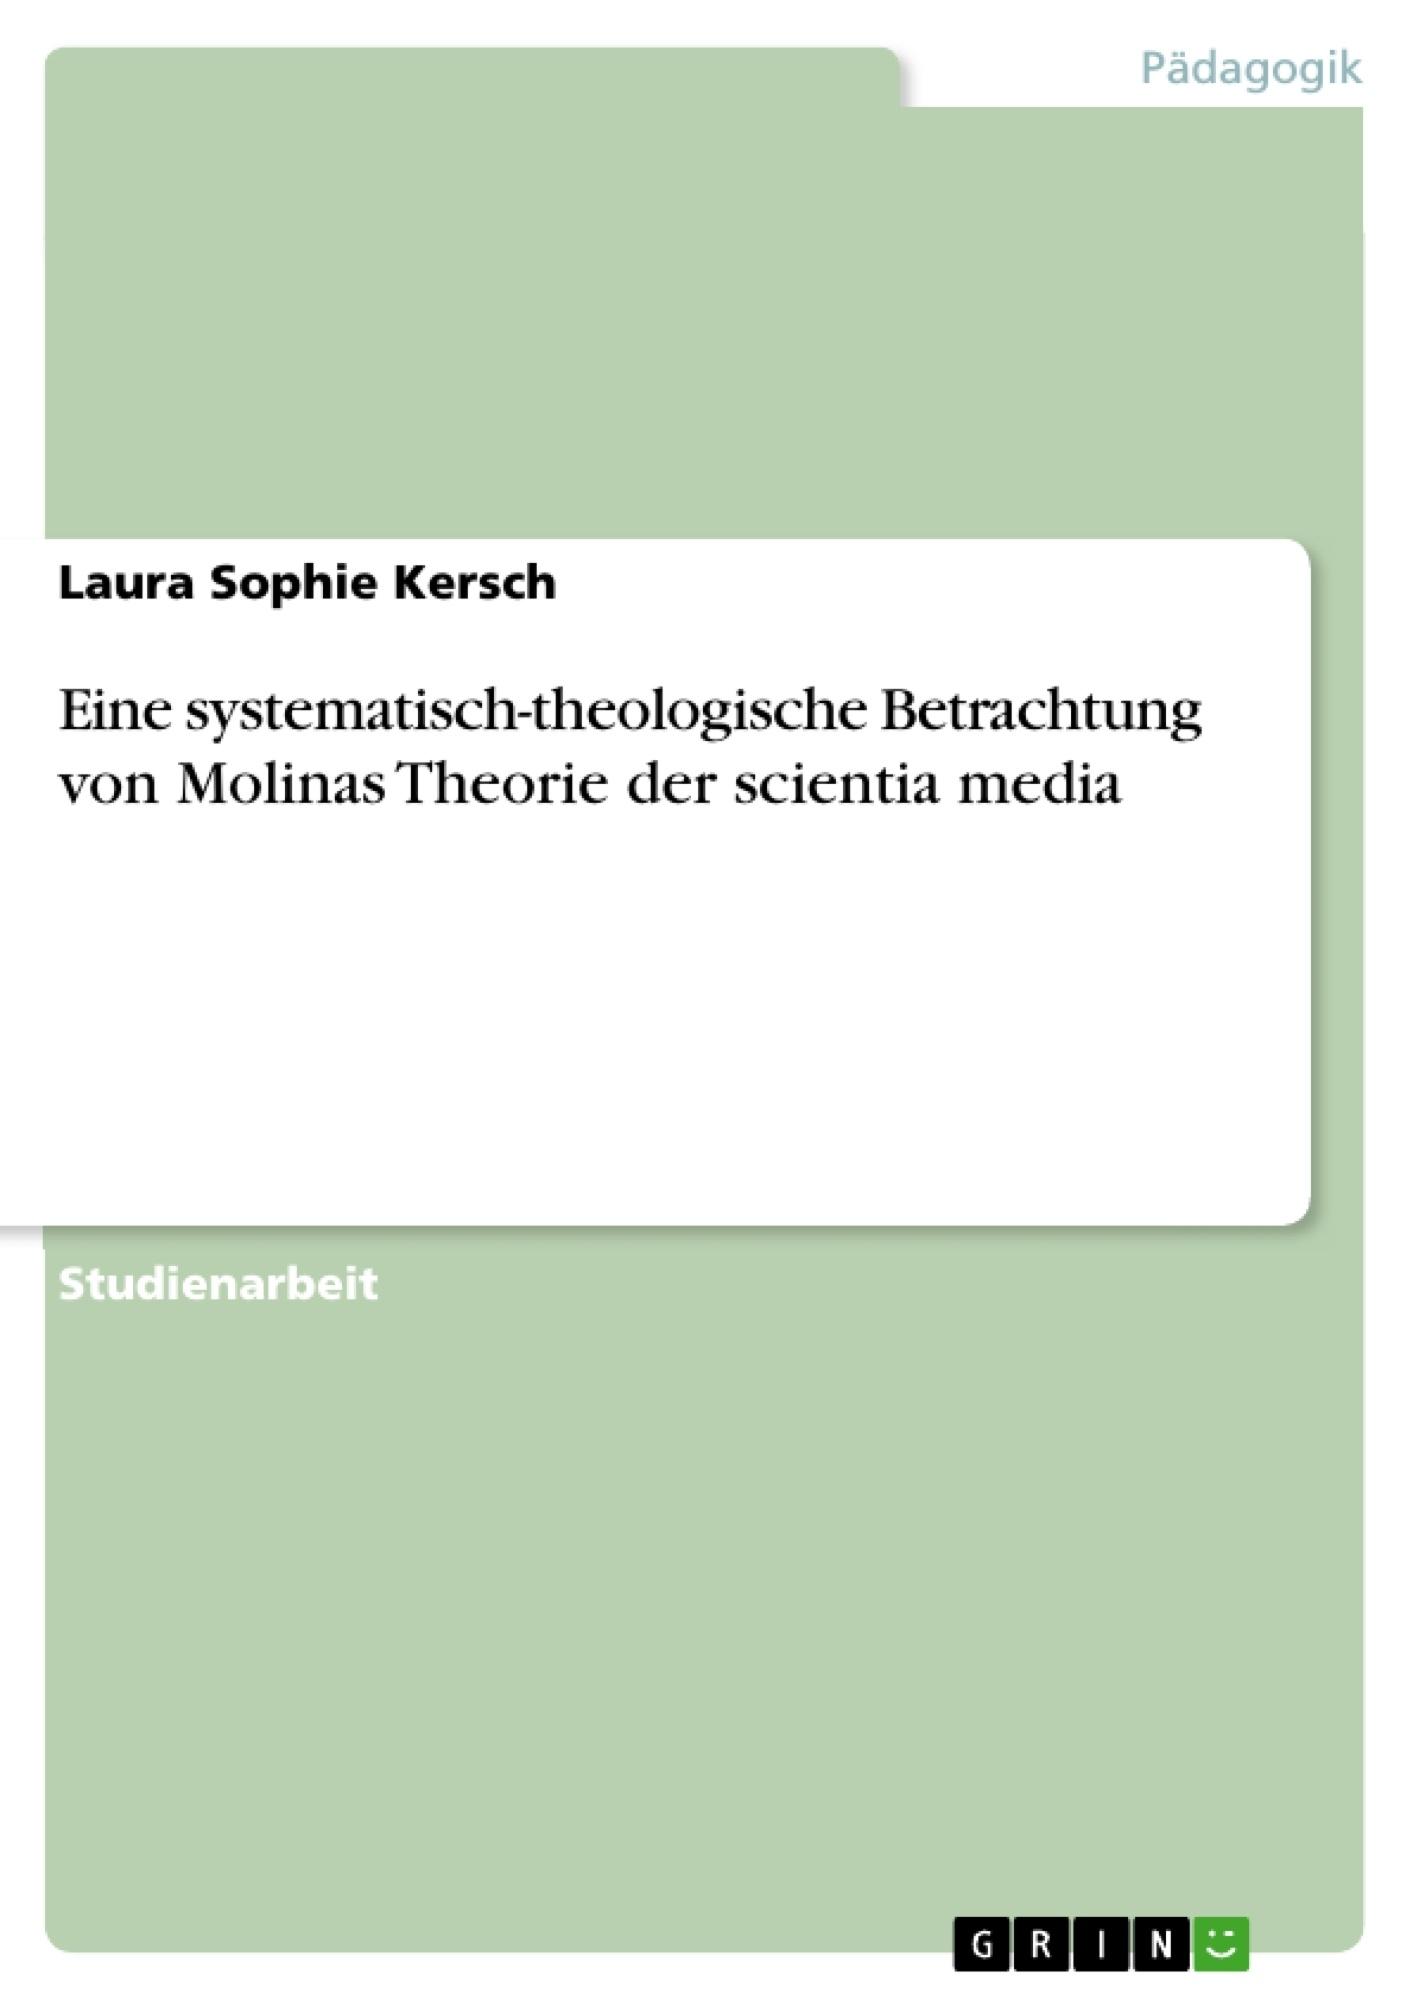 Titel: Eine systematisch-theologische Betrachtung von Molinas Theorie der scientia media